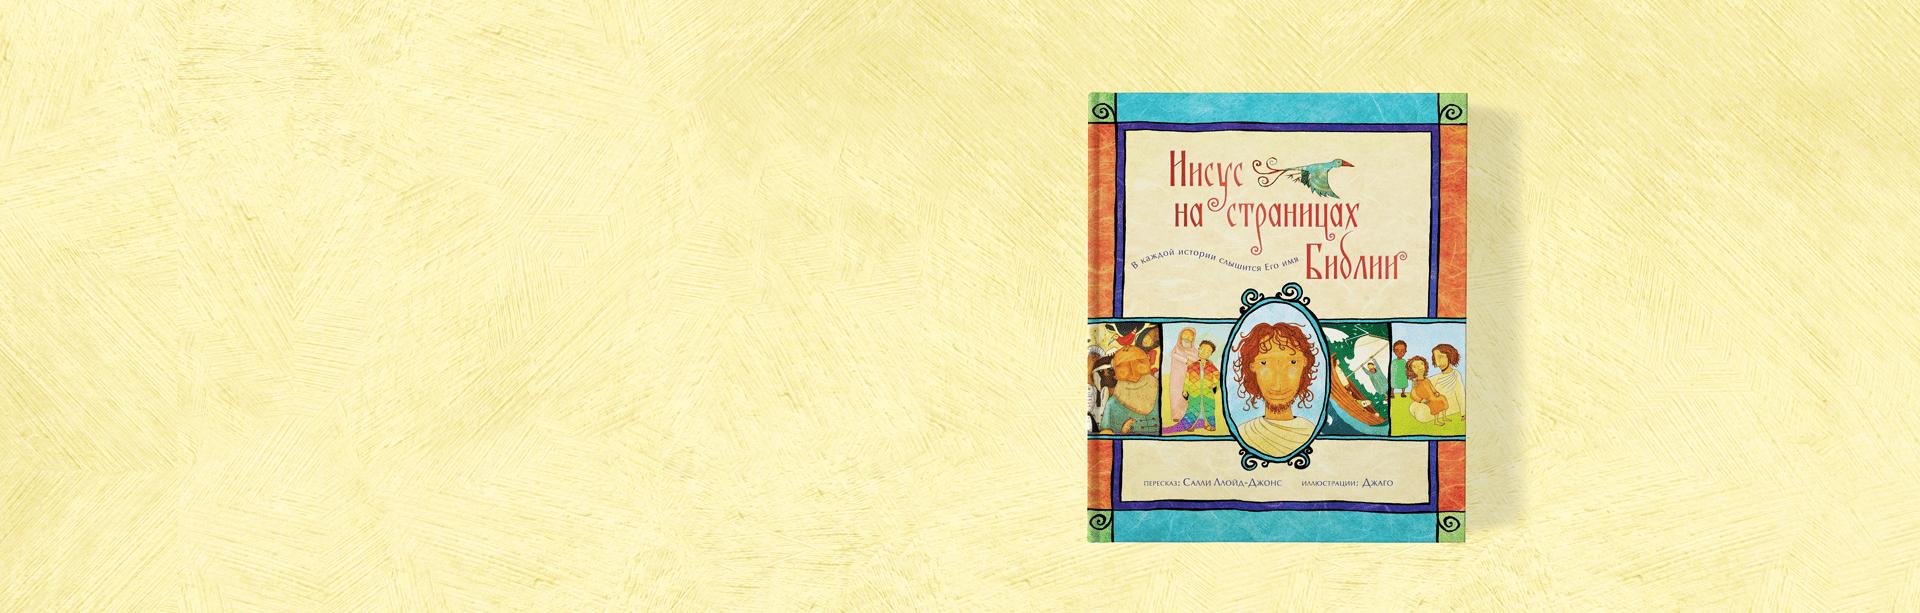 Иисус на страницах Библии. Обложка